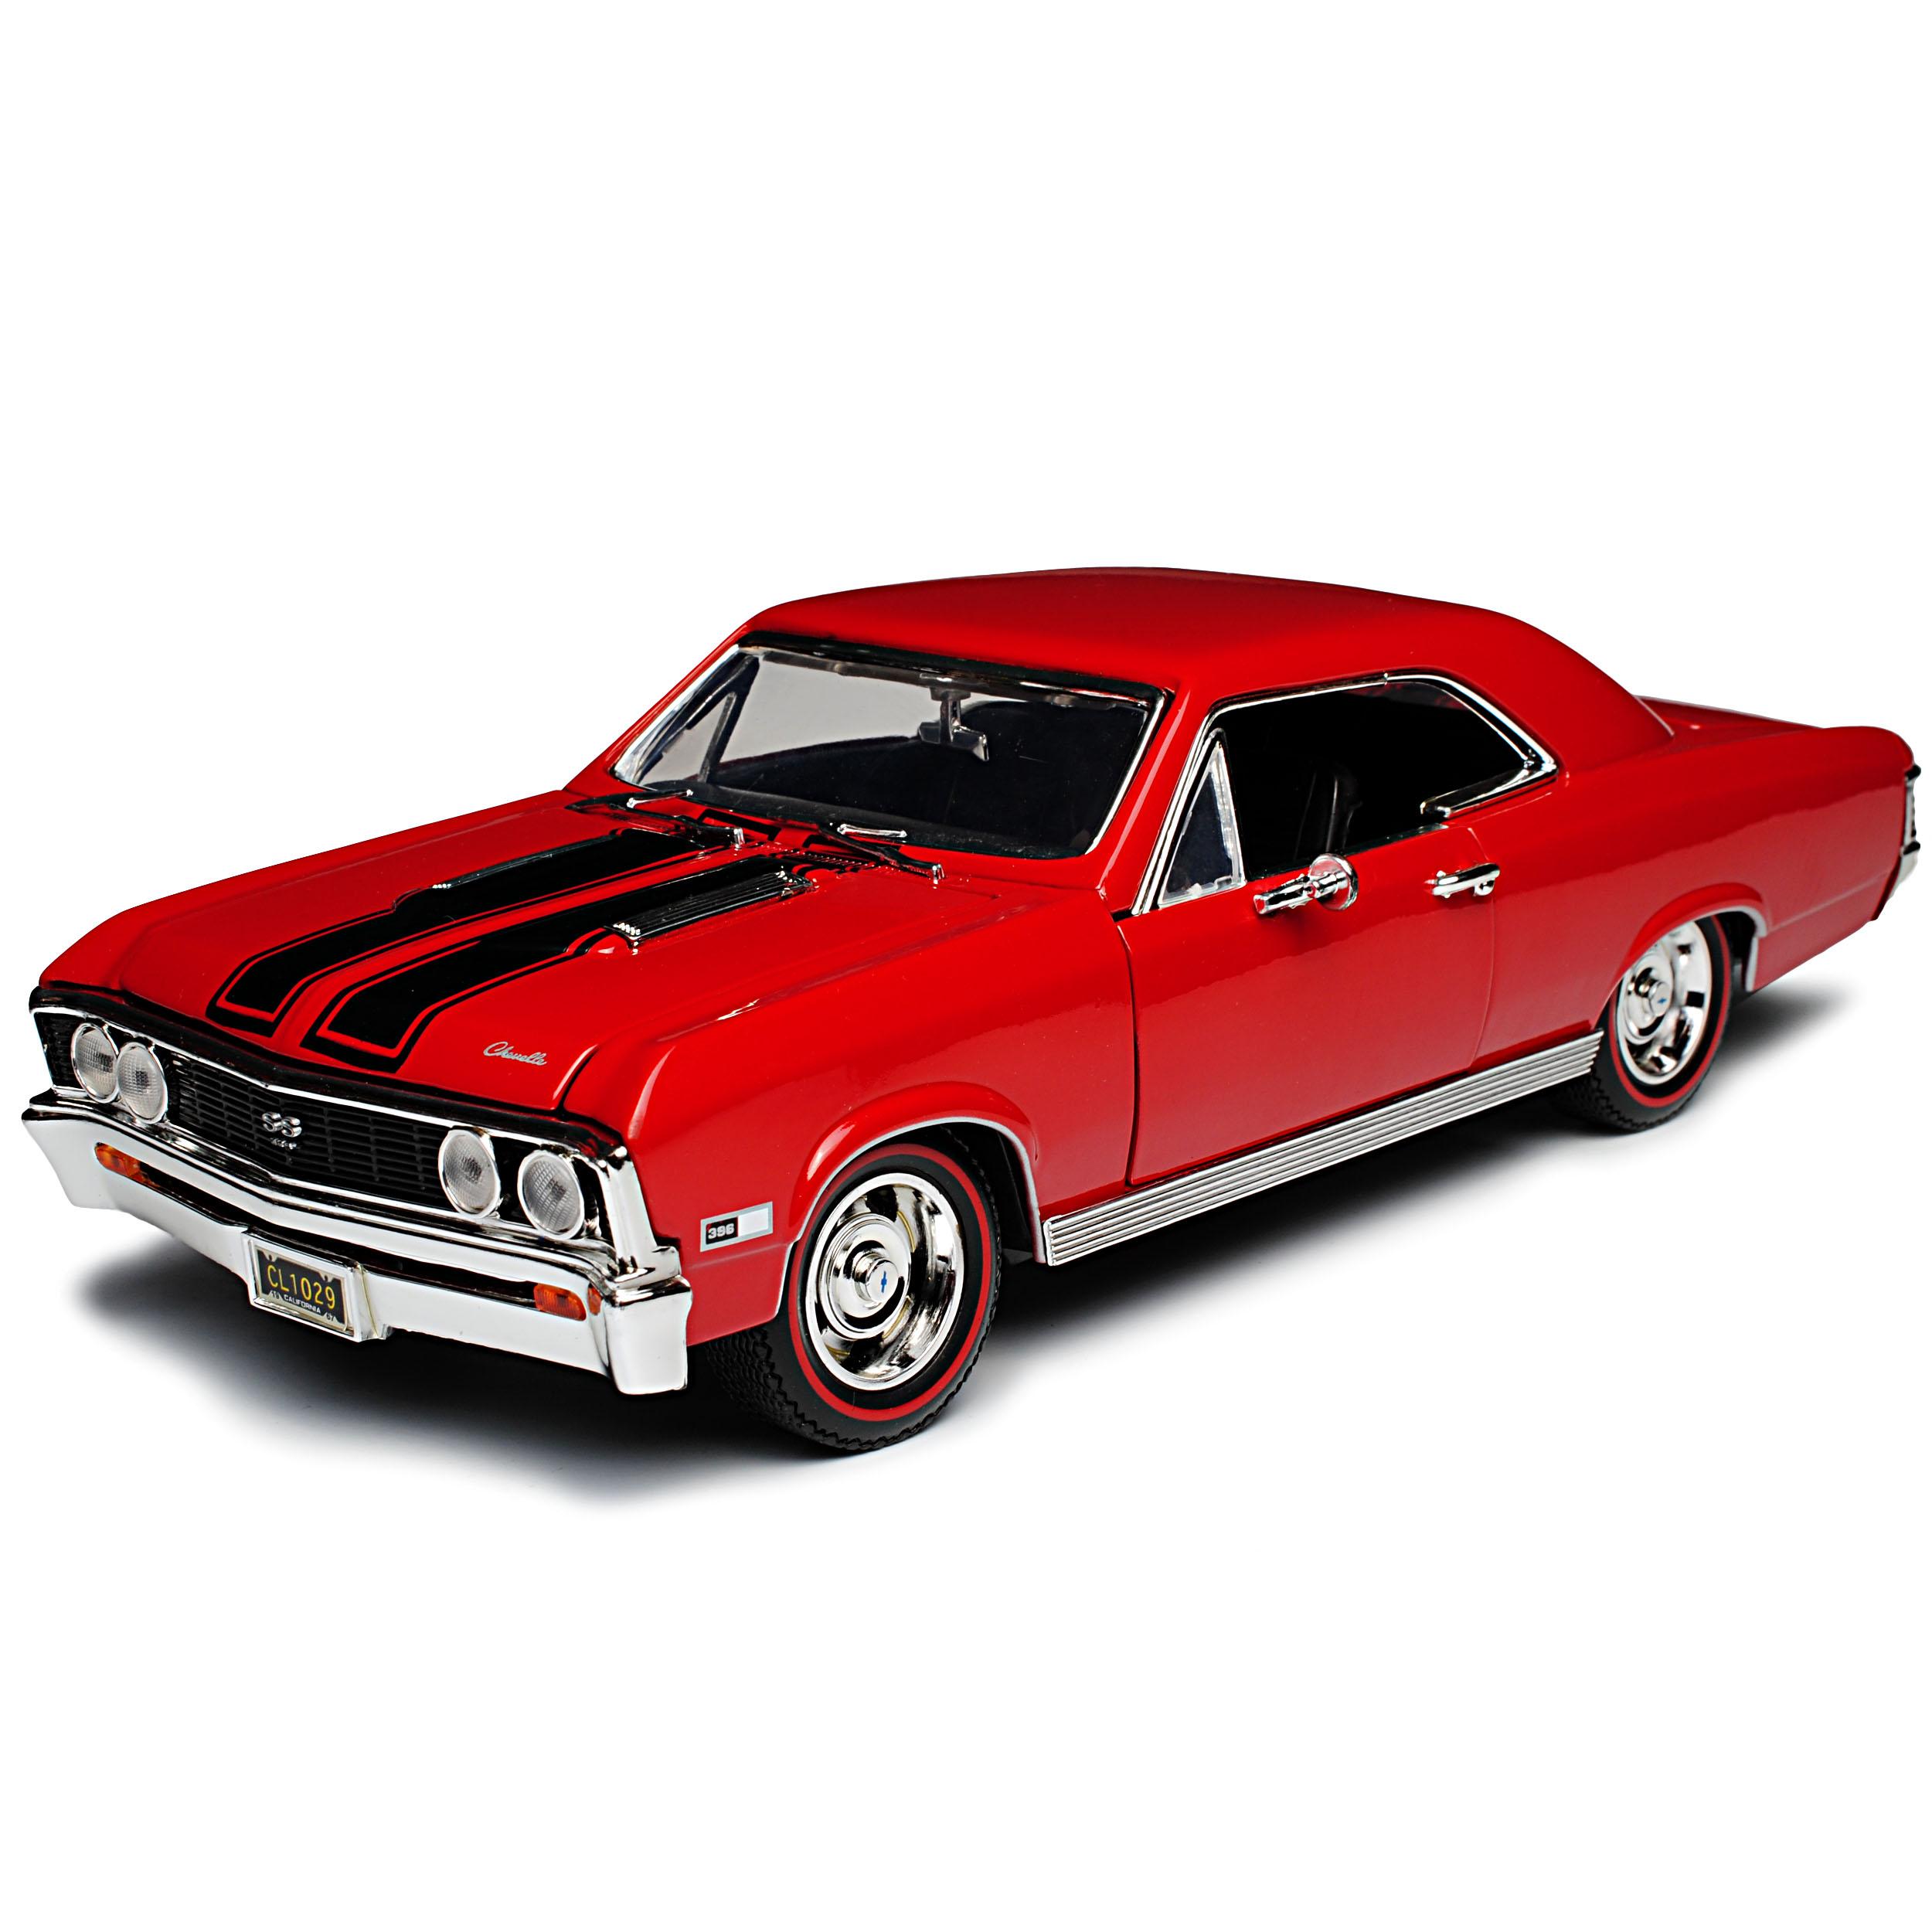 Chevrolet Chevelle SS396 Coupe Rot mit schwarzen Streifen 1 Generation 1964-1..